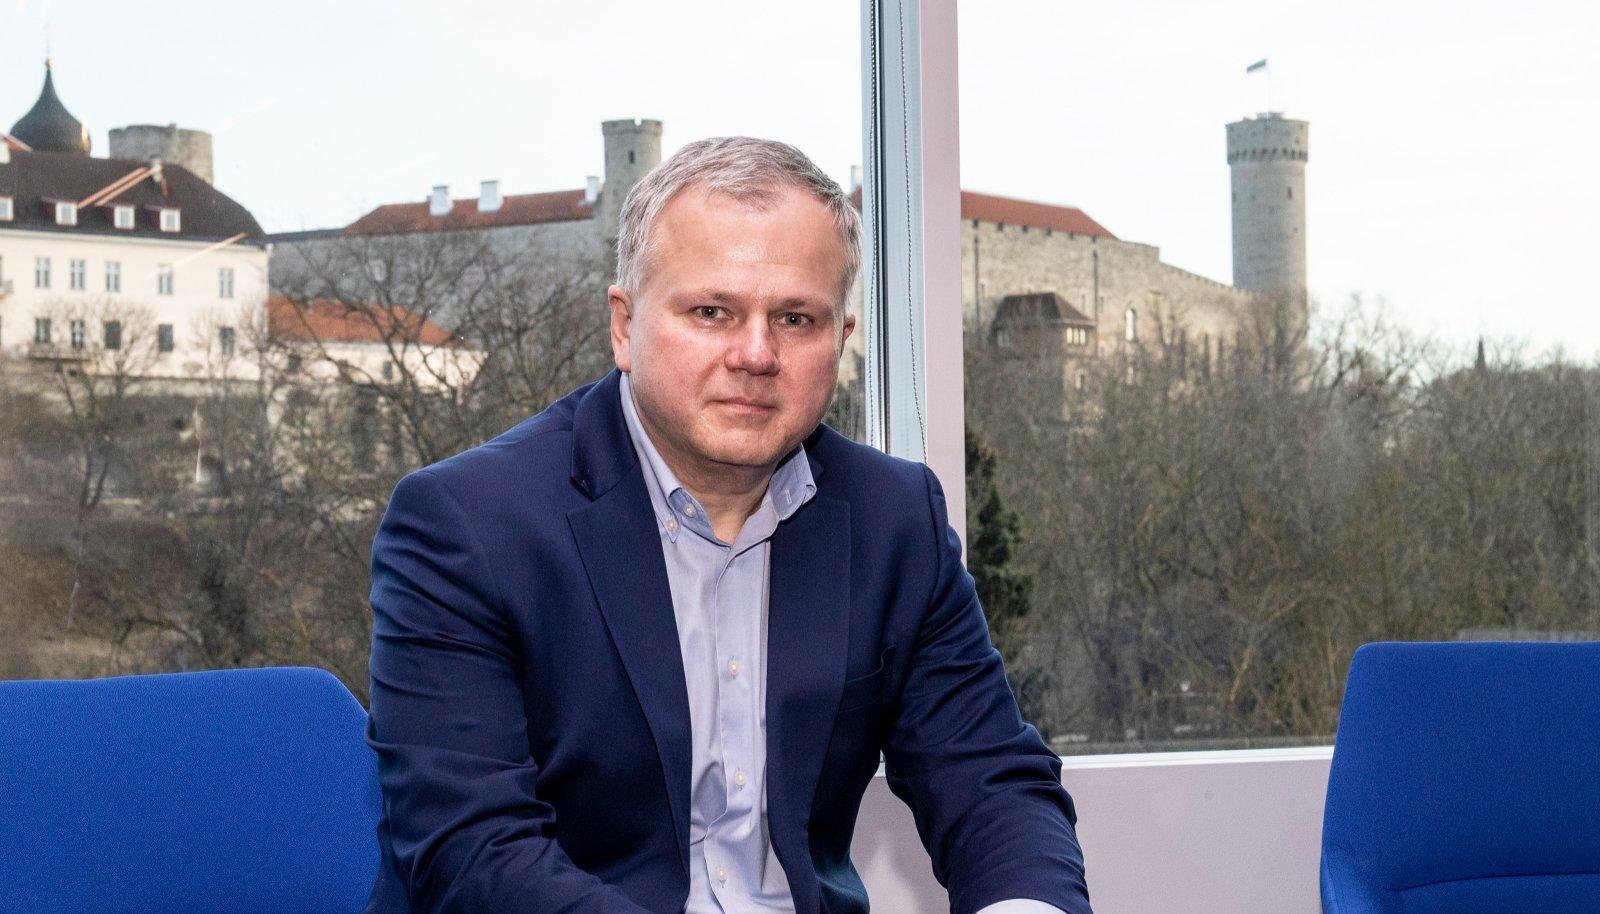 Ees ootavate kliimaeesmärkide täitmiseks vajalikest ehitus- ja renoveerimistöödest rääkides löövad Nordeconi juhi Gerd Mülleri silmad särama.